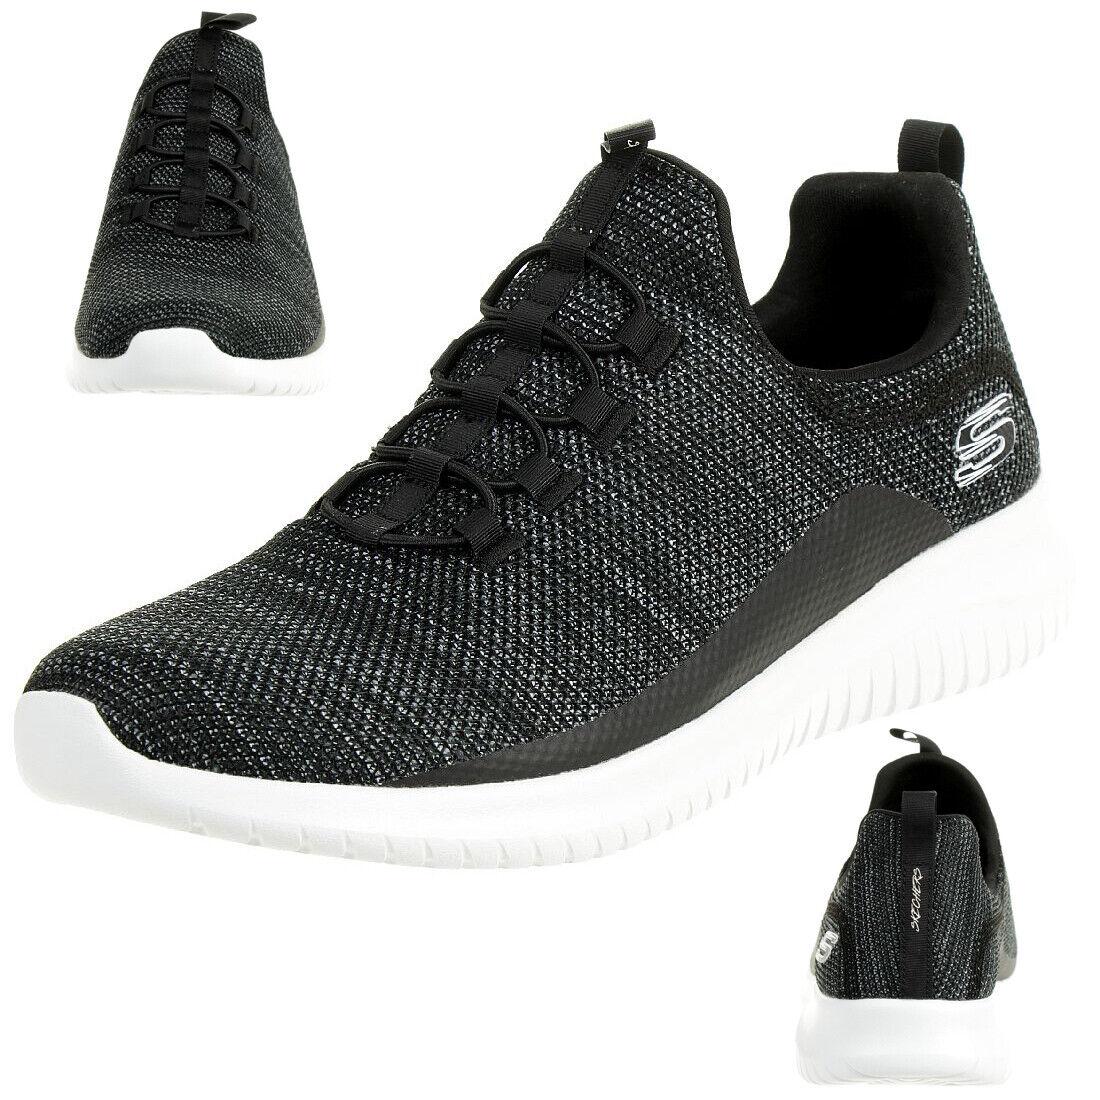 moda clasica Skechers Ultra Ultra Ultra Flex Capsule Zapatillas Deportivas de Mujer Zapatos para Fitness  despacho de tienda